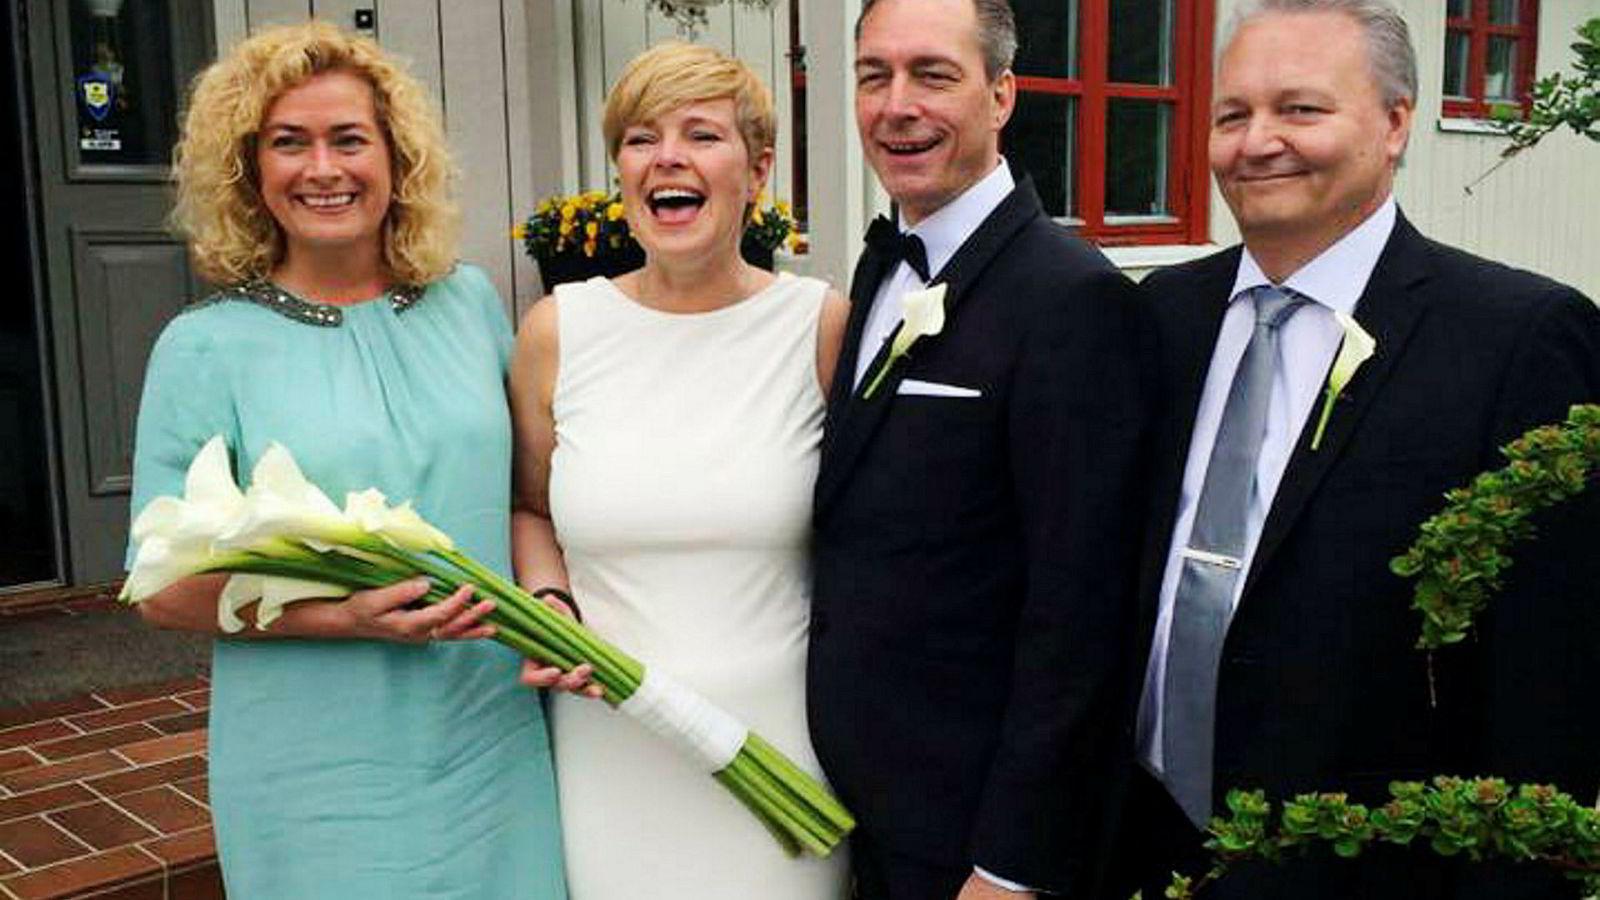 Personlige bindinger har påvirket både Helse Nord-styreleder Marianne Telle (til venstre) og forsvarsminister Frank Bakke-Jensens (nummer tre fra venstre) muligheter til å delta i spørsmål om luftambulanse-kaoset i nord. Her er de i Bakke-Jensens bryllup sommeren 2015, da han giftet seg med Hilde Sjurelv. Sjurelv jobber for selskapet som har fått milliardkontrakt for luftambulanse-virksomhet. Telle var forlover for Sjurelv. Bakke-Jensens forlover Geir Arne Eriksen til høyre.